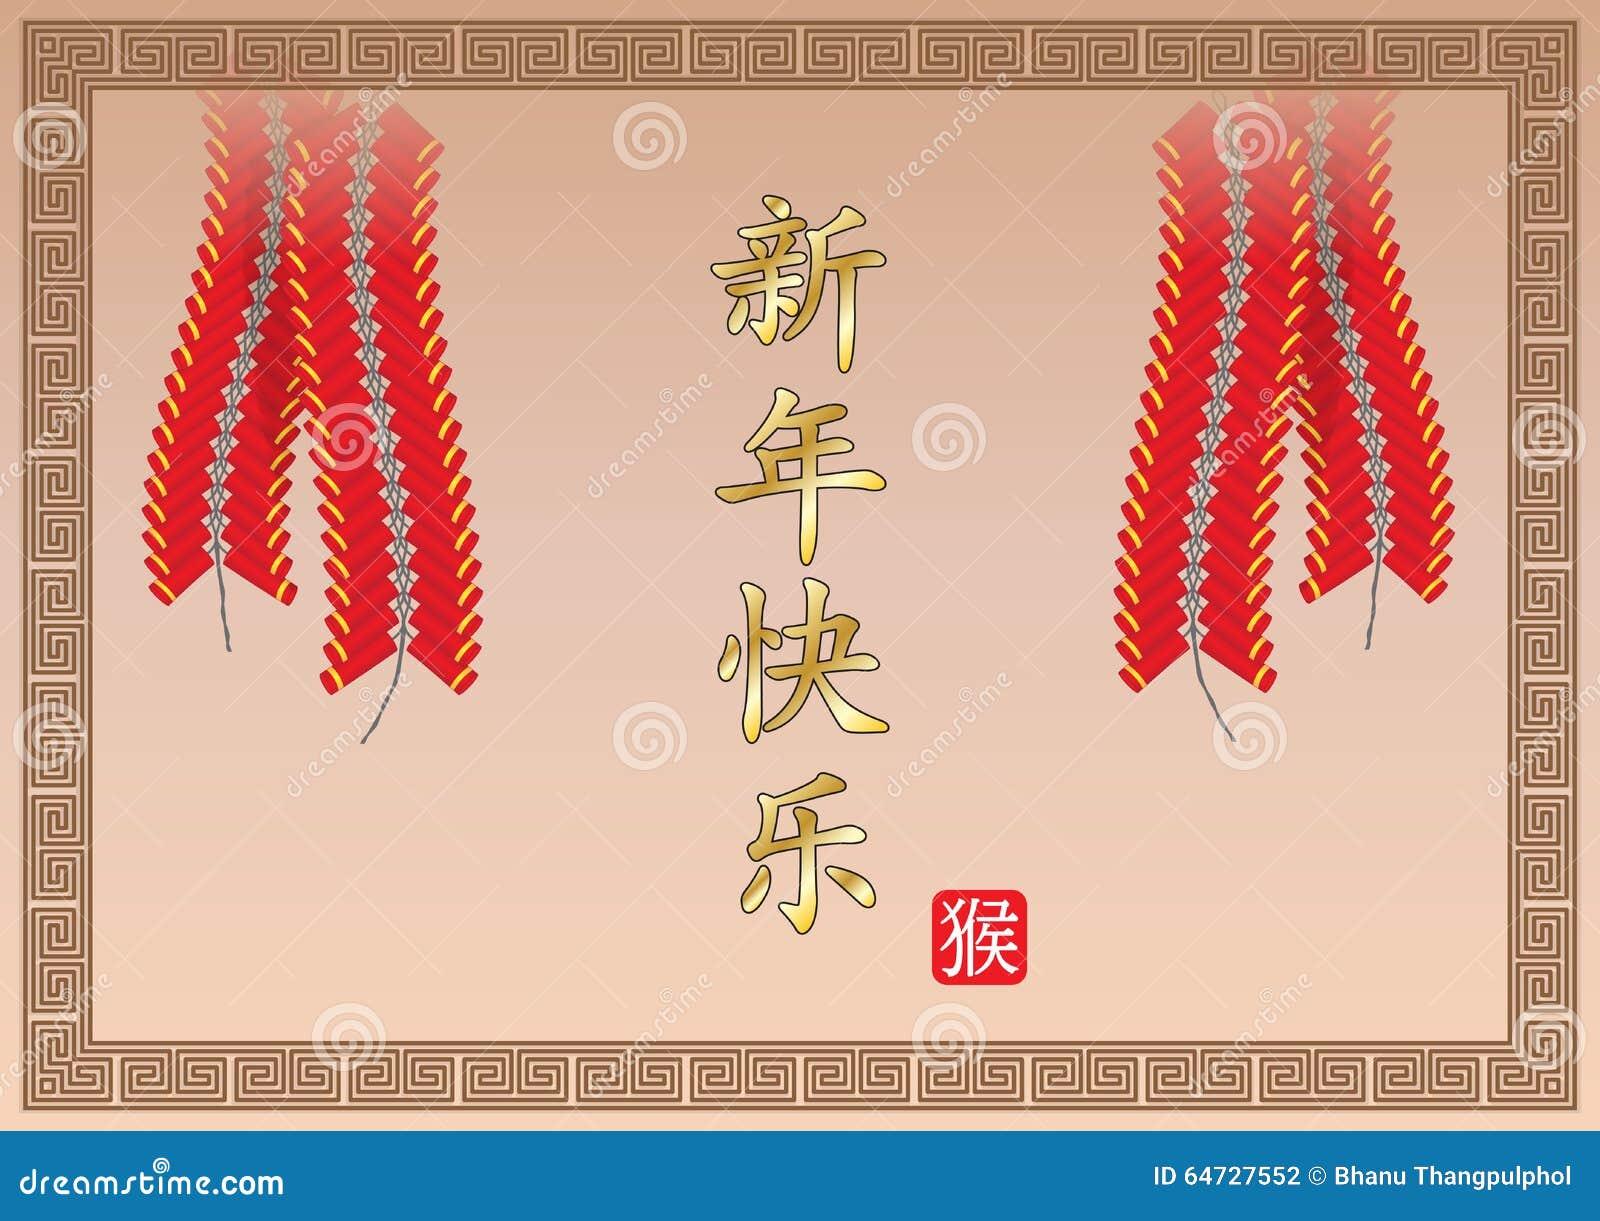 Xin Nian Kuai Le - buon anno